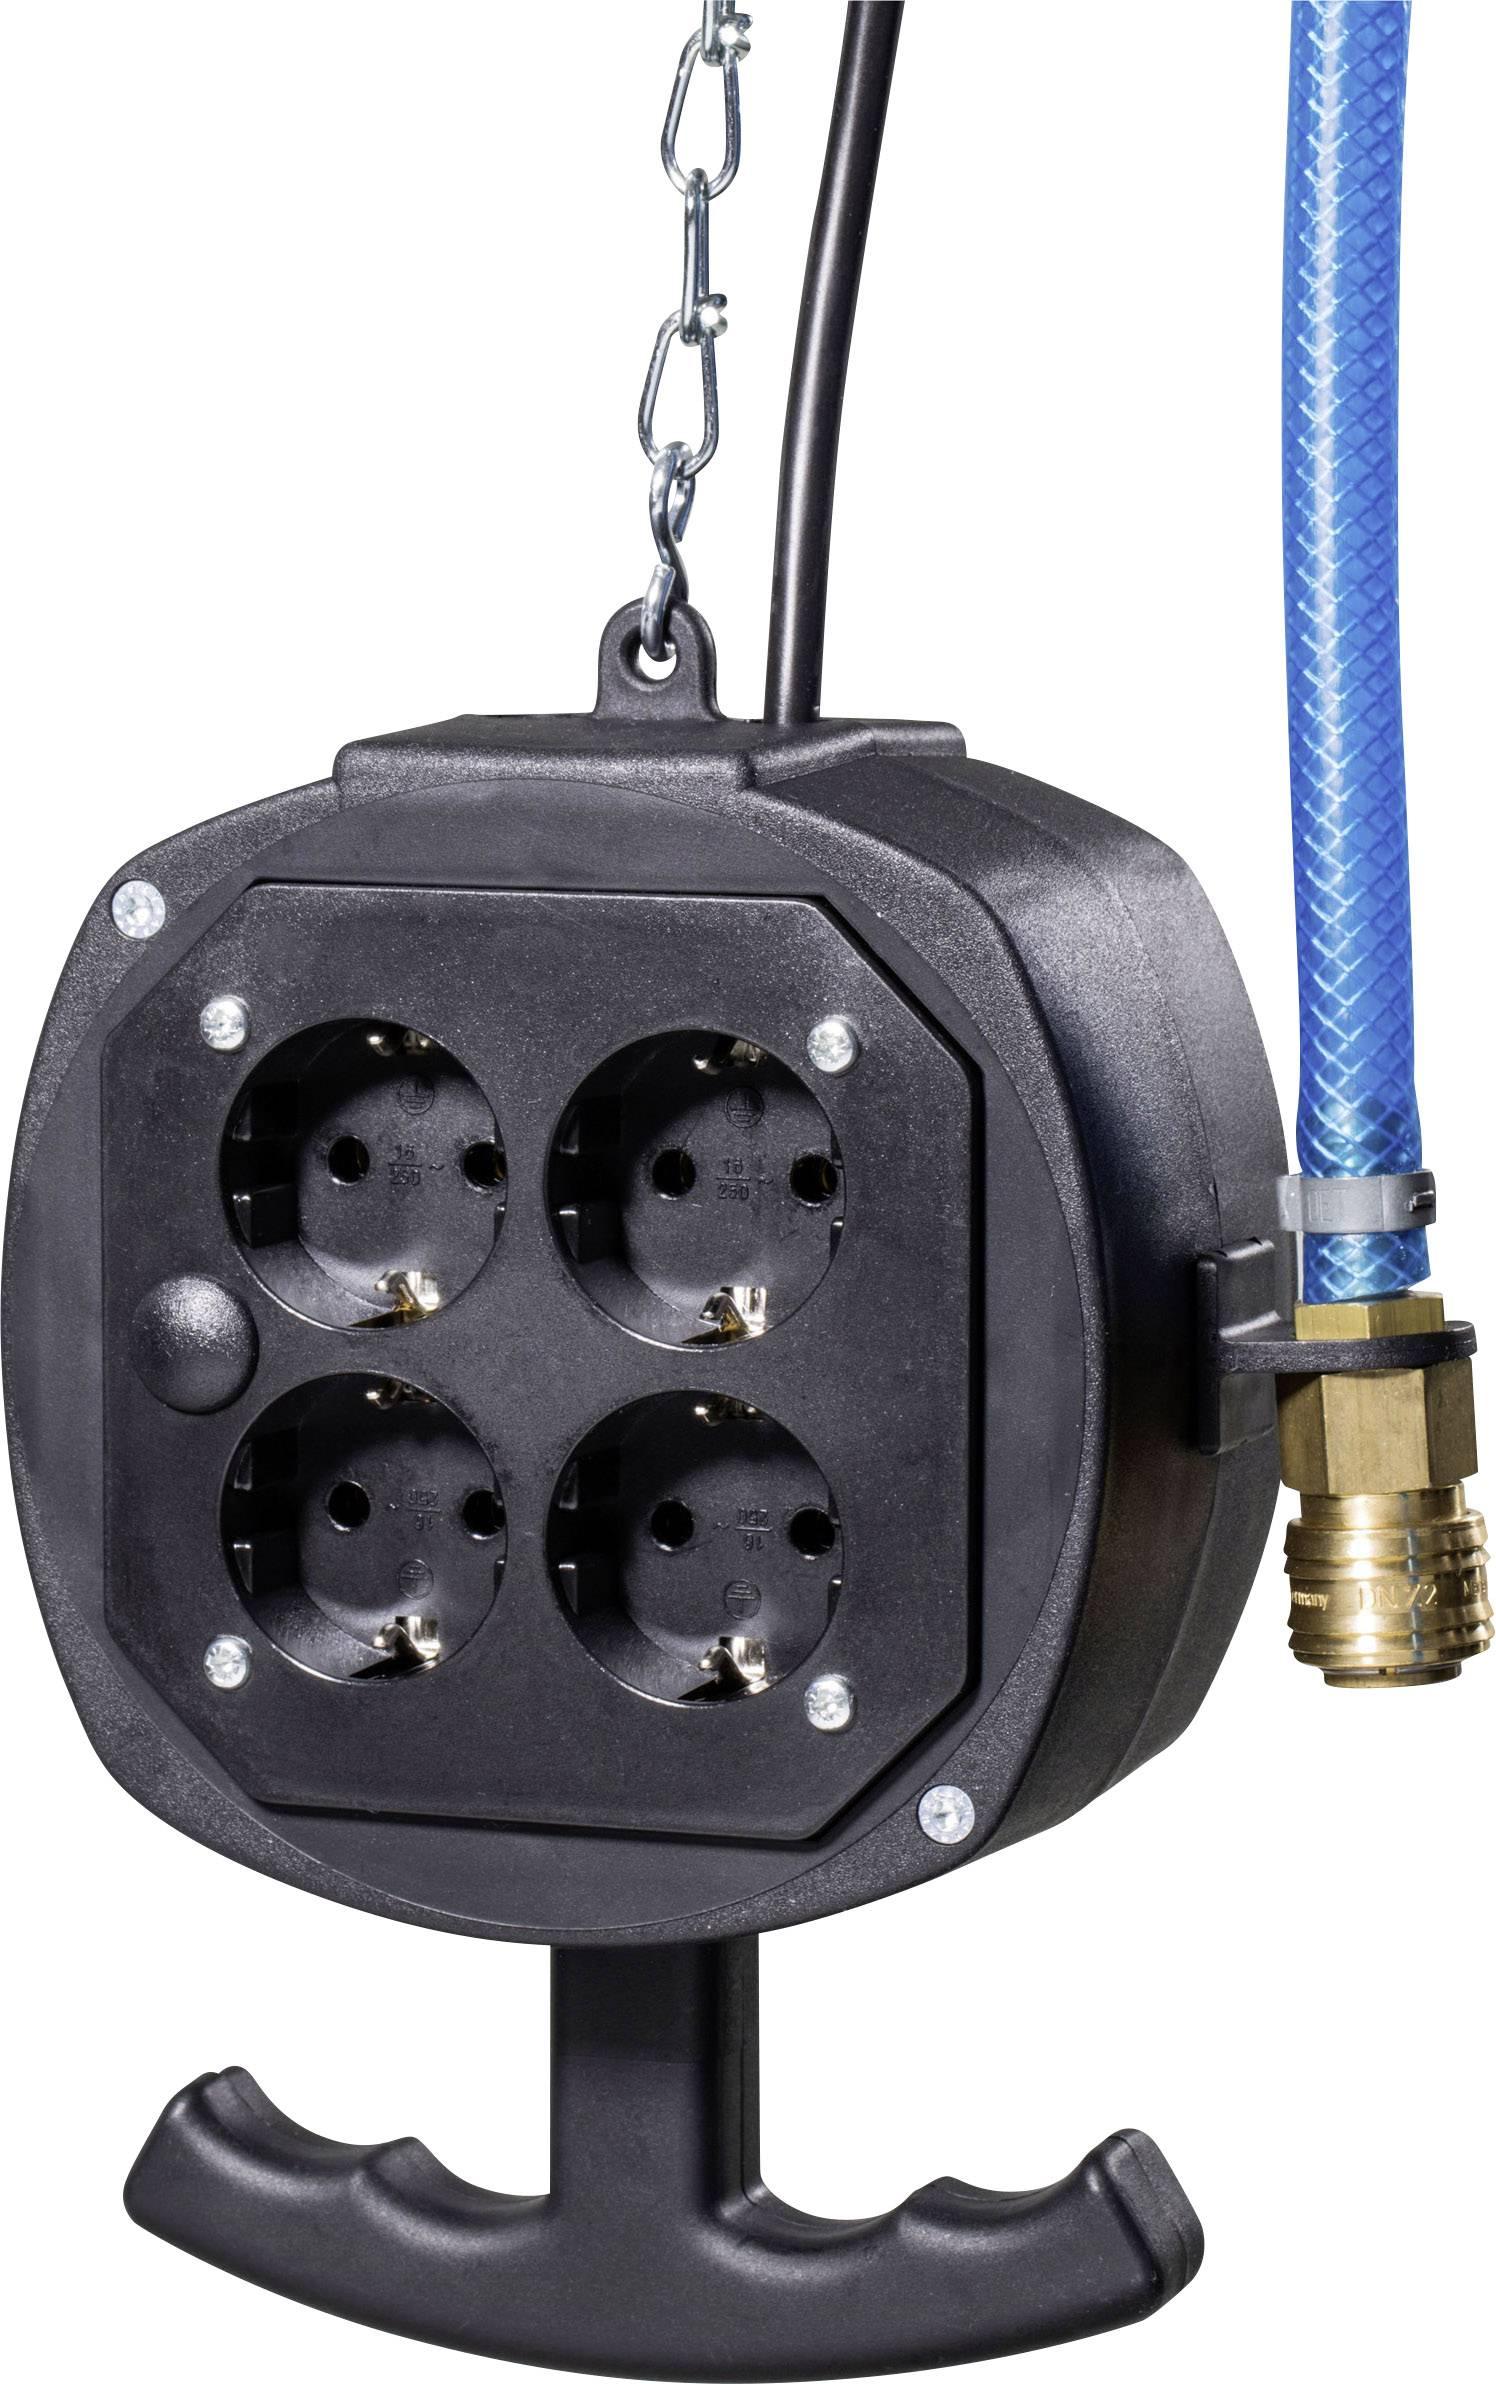 Závesný prúdový rozbočovač AS Schwabe ES1PA, 4 zásuvky, IP20, červený, 3 m, 60972